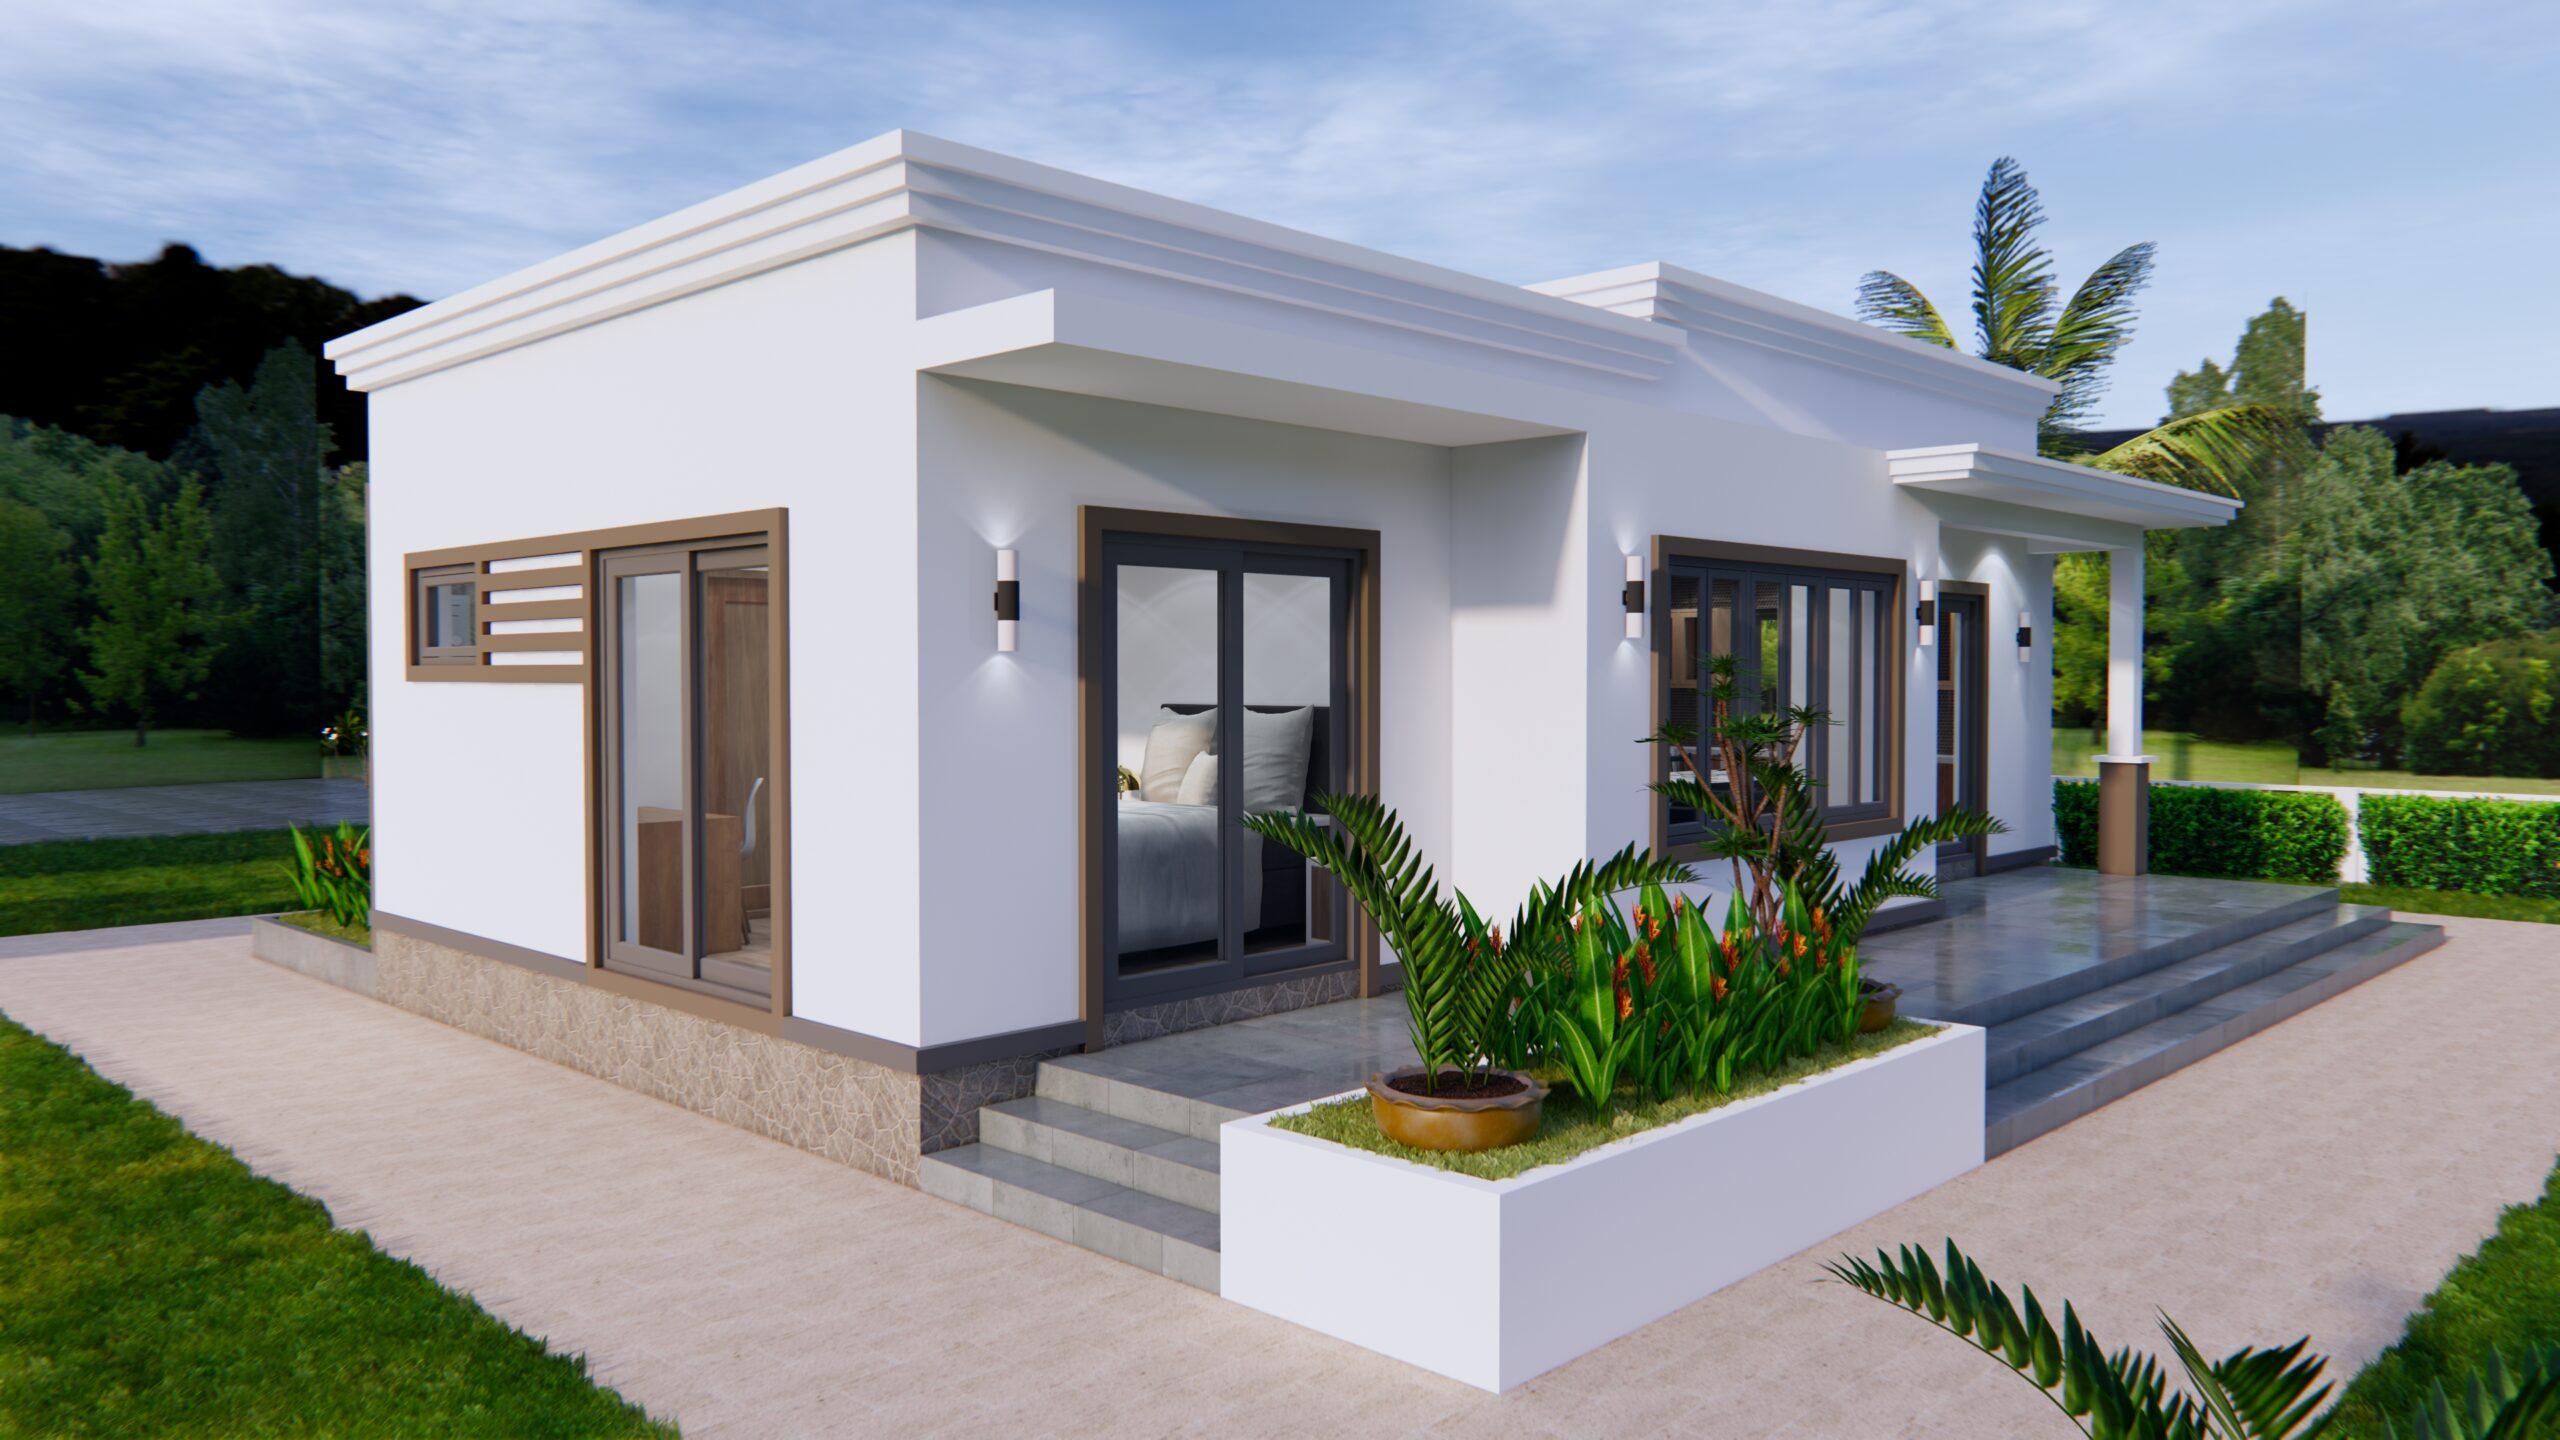 Online House Design 12x9 Meter 40x30 Feet 2 Beds 6